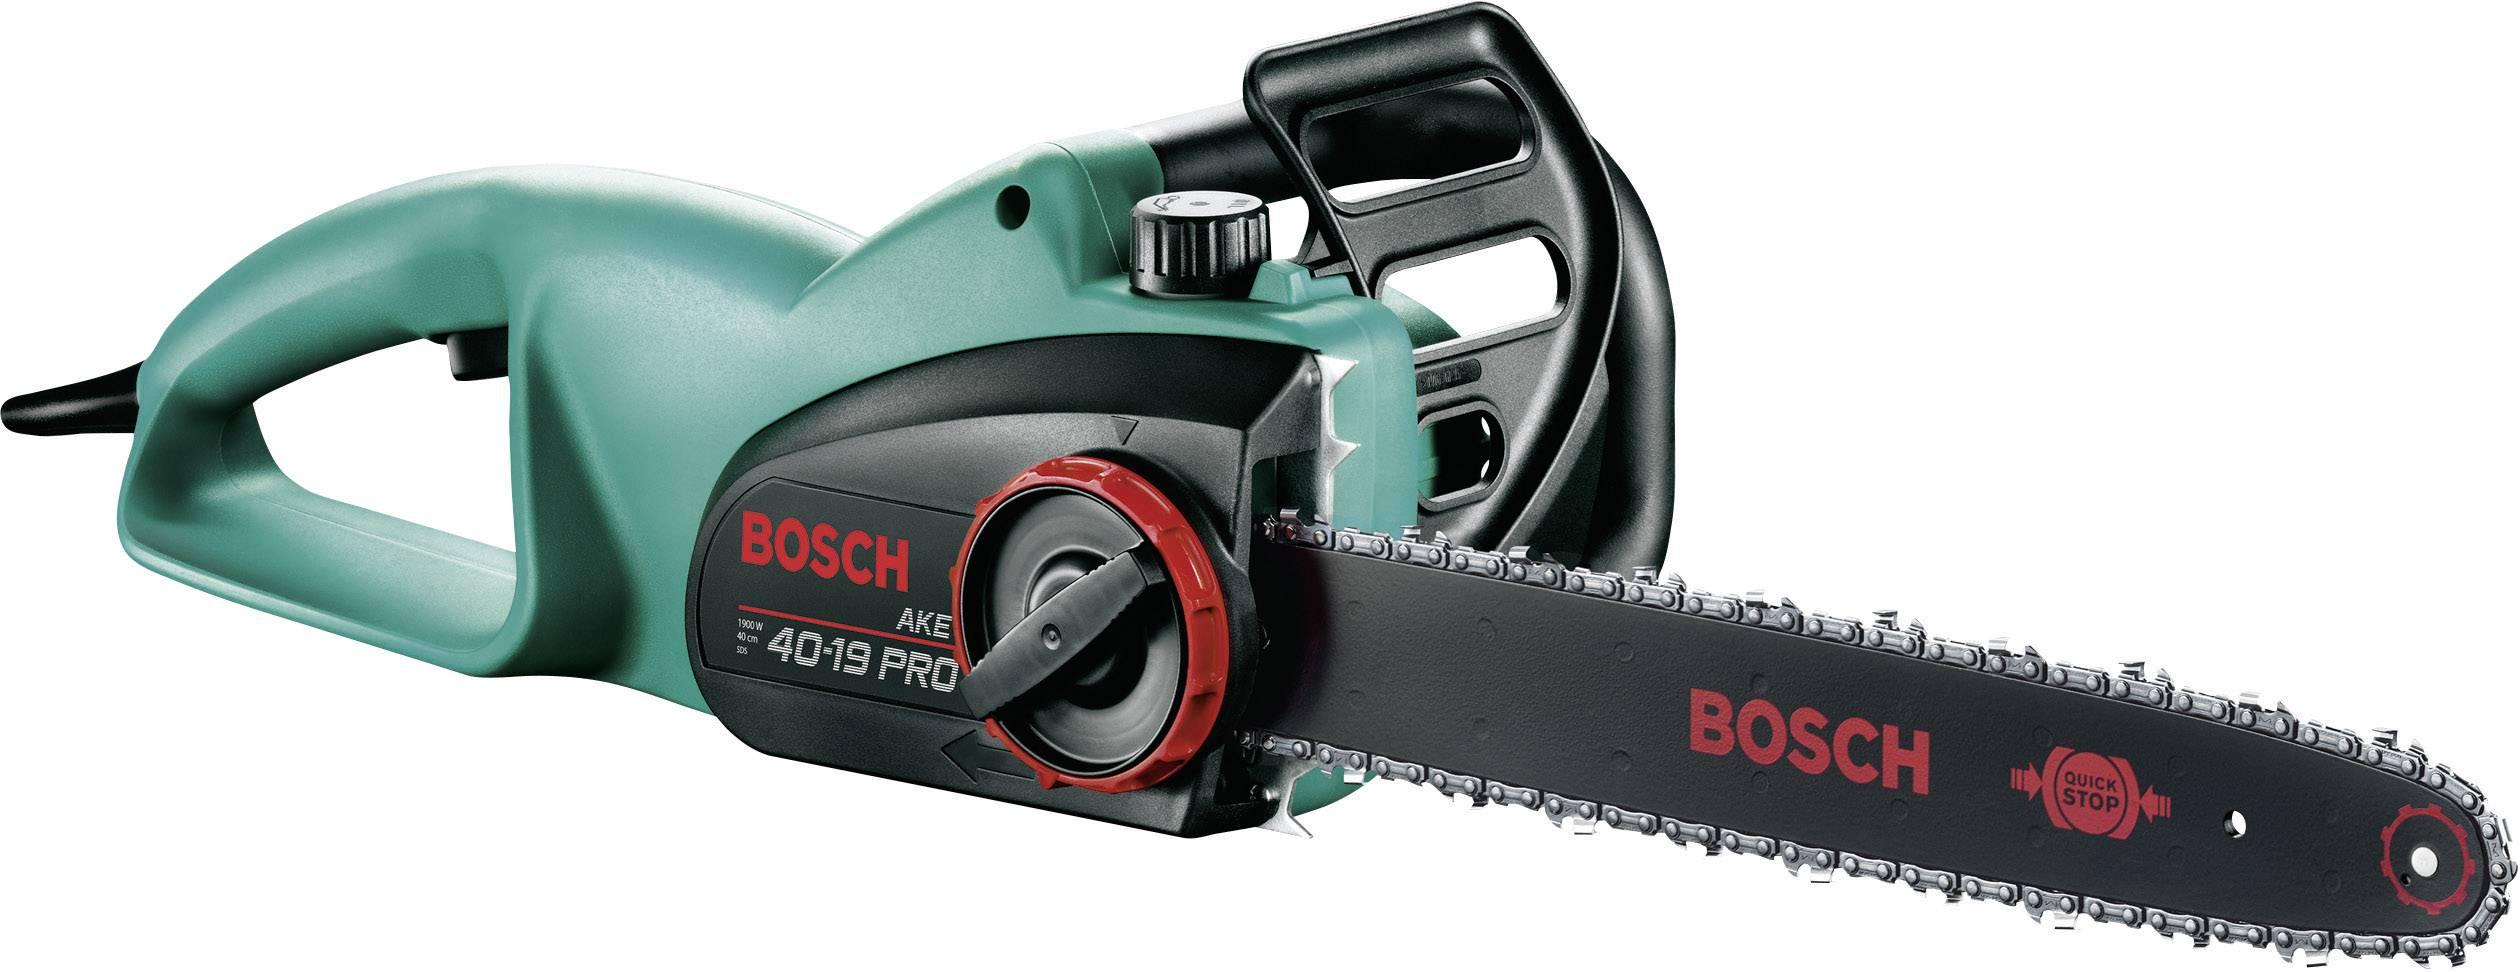 Elektrická řetězová pila Bosch Home and Garden AKE 40-19 PRO, 230 V, 1900 W, délka čepele 400 mm